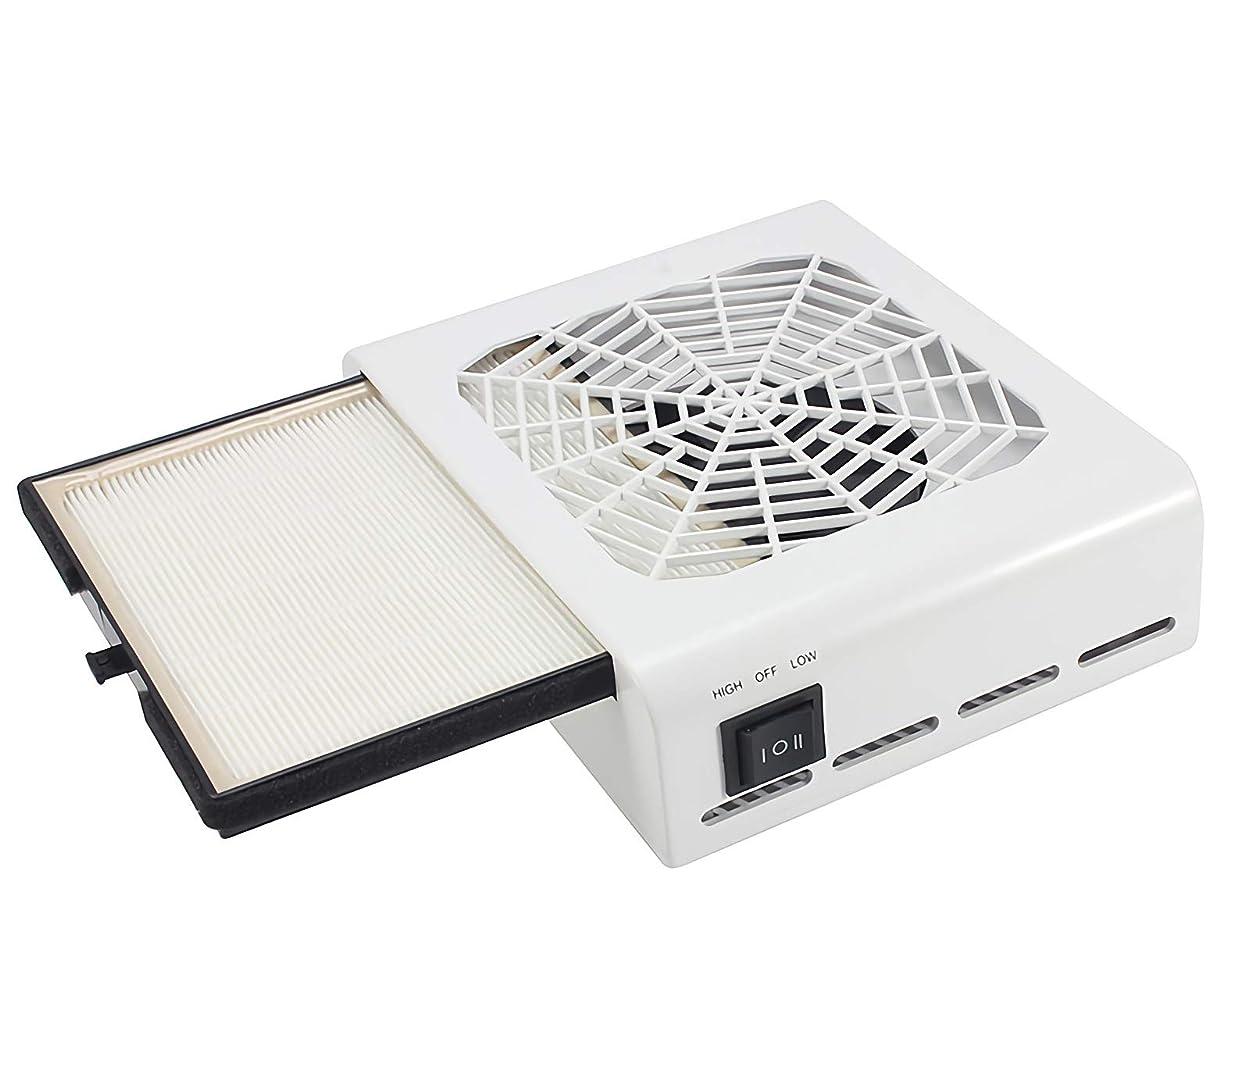 疲れた排除するサイドボードネイルダスト 集塵機 ジェルネイル ネイル機器 最新版 セルフネイル 低騒音 110V 40W パワー調節可能 白